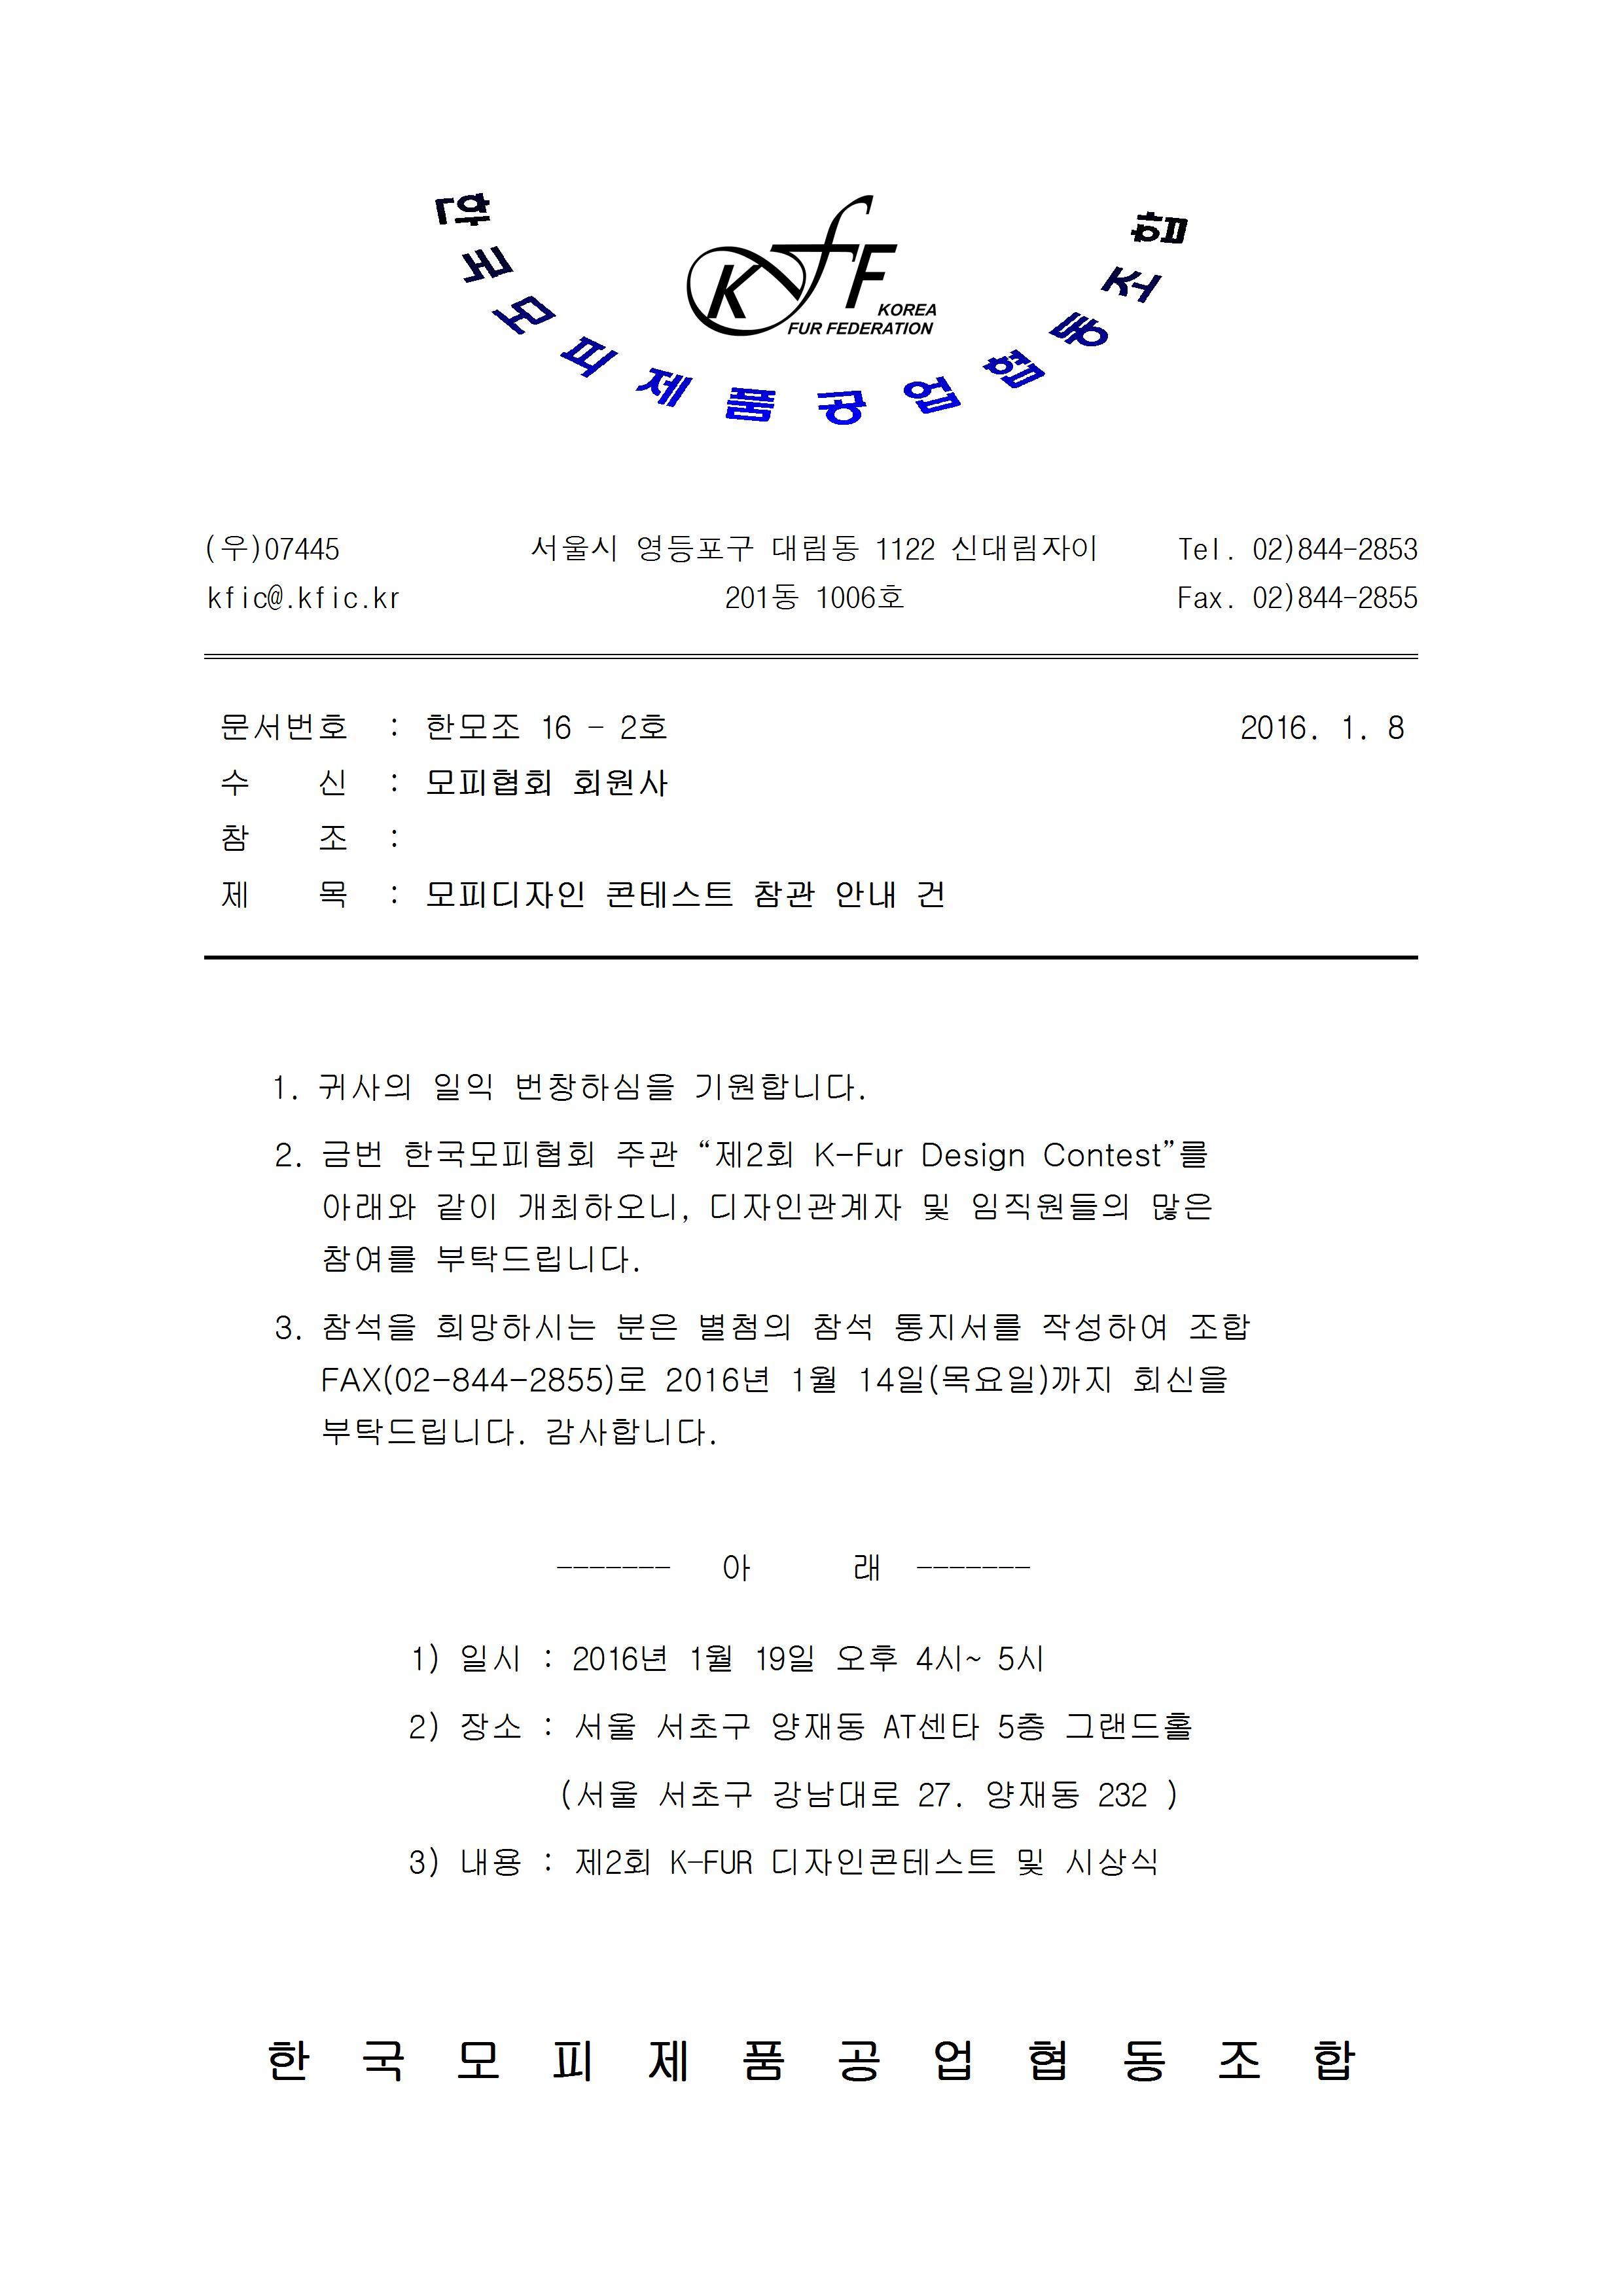 16-02 모피디자인 콘테스트 참관 안내 공문 Zero001